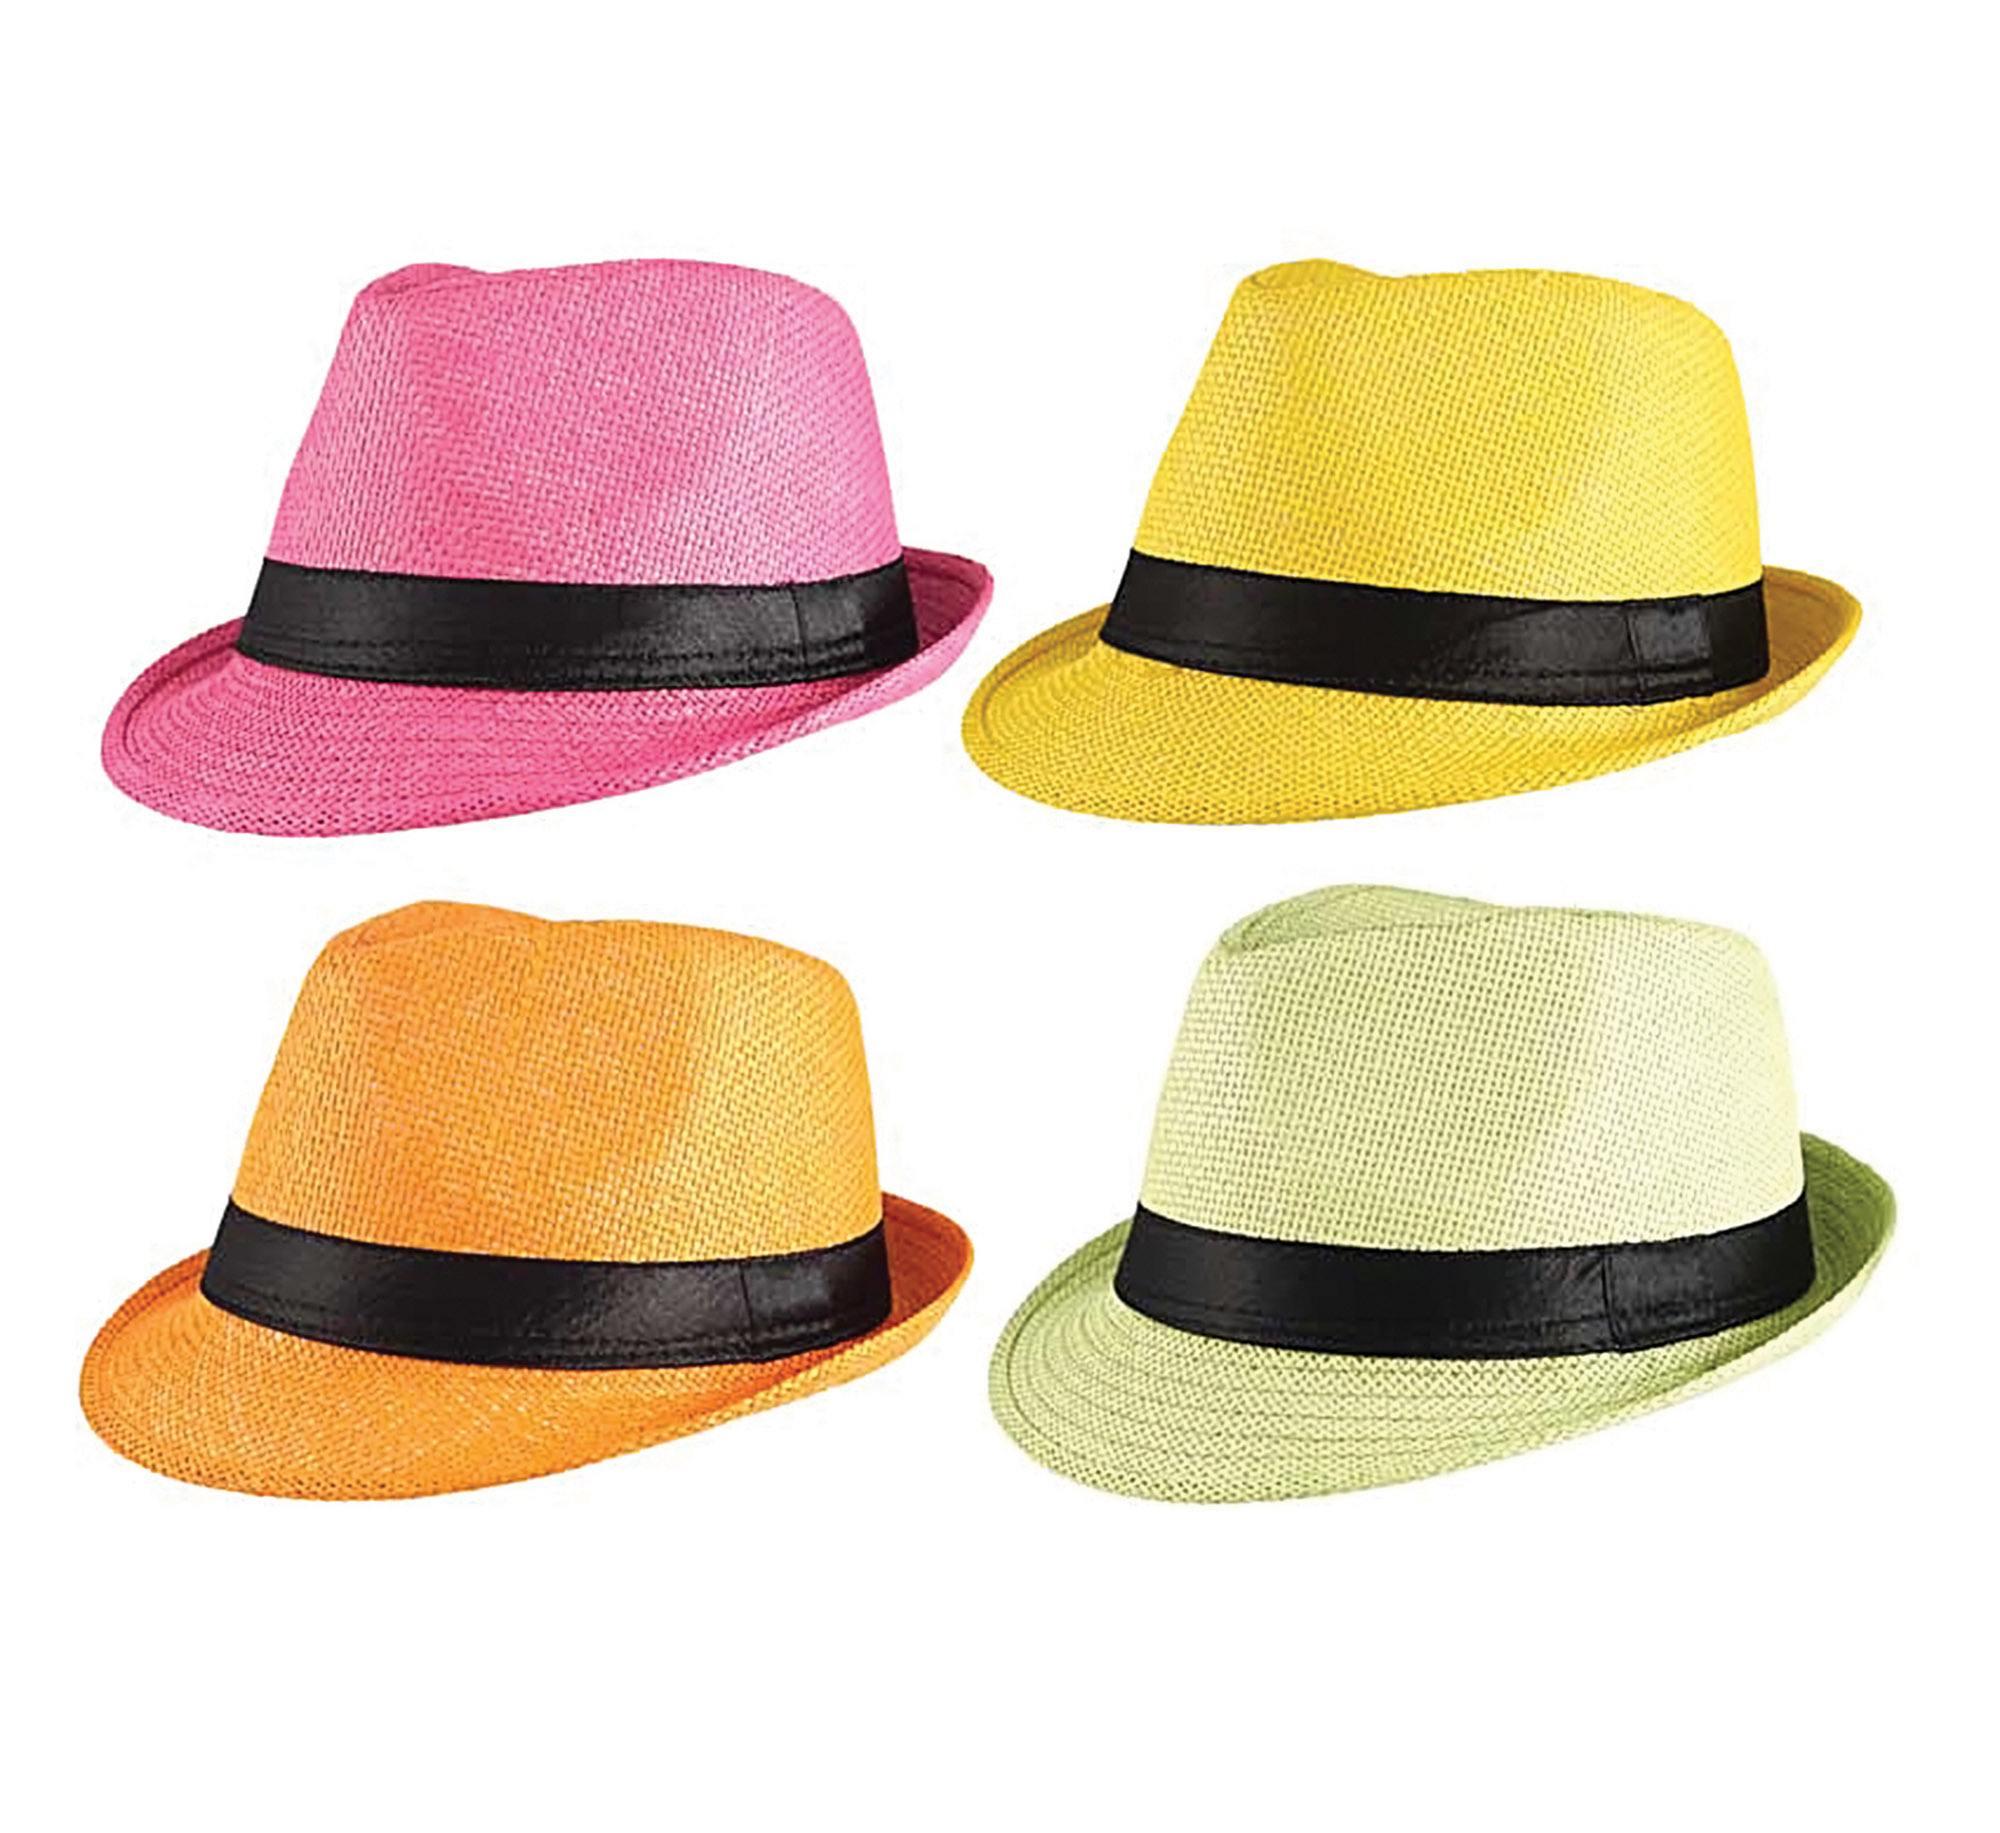 Gánster Sombrero de Paja Varios Colores  5b7831b00937